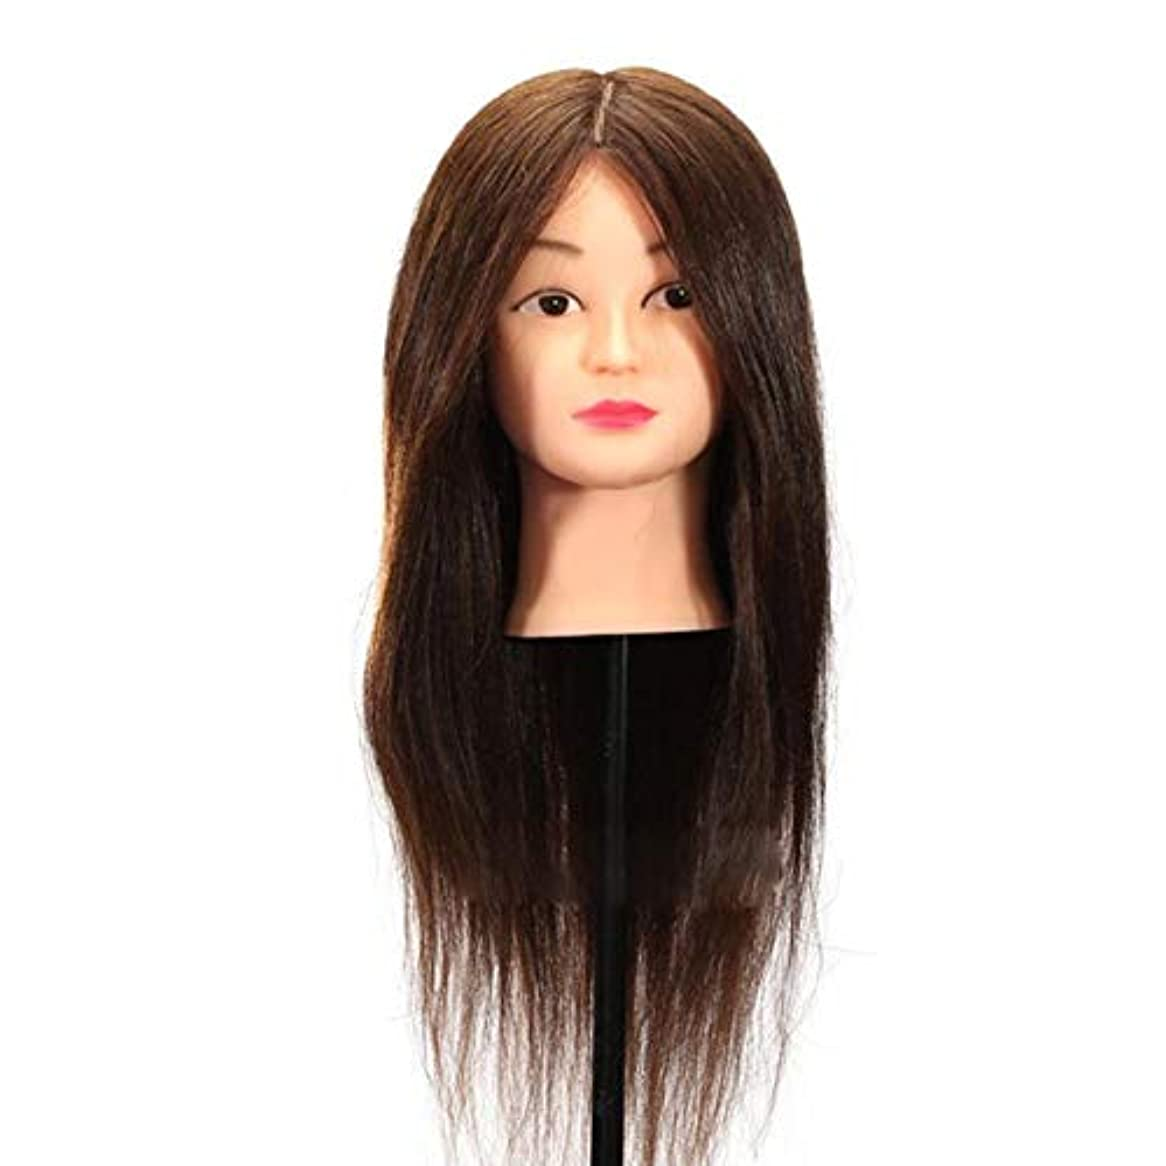 病望む株式会社ヘアマネキンヘッド練習ディスク髪編組ヘッドモデル理髪店学校教育かつらヘッドバンドブラケット